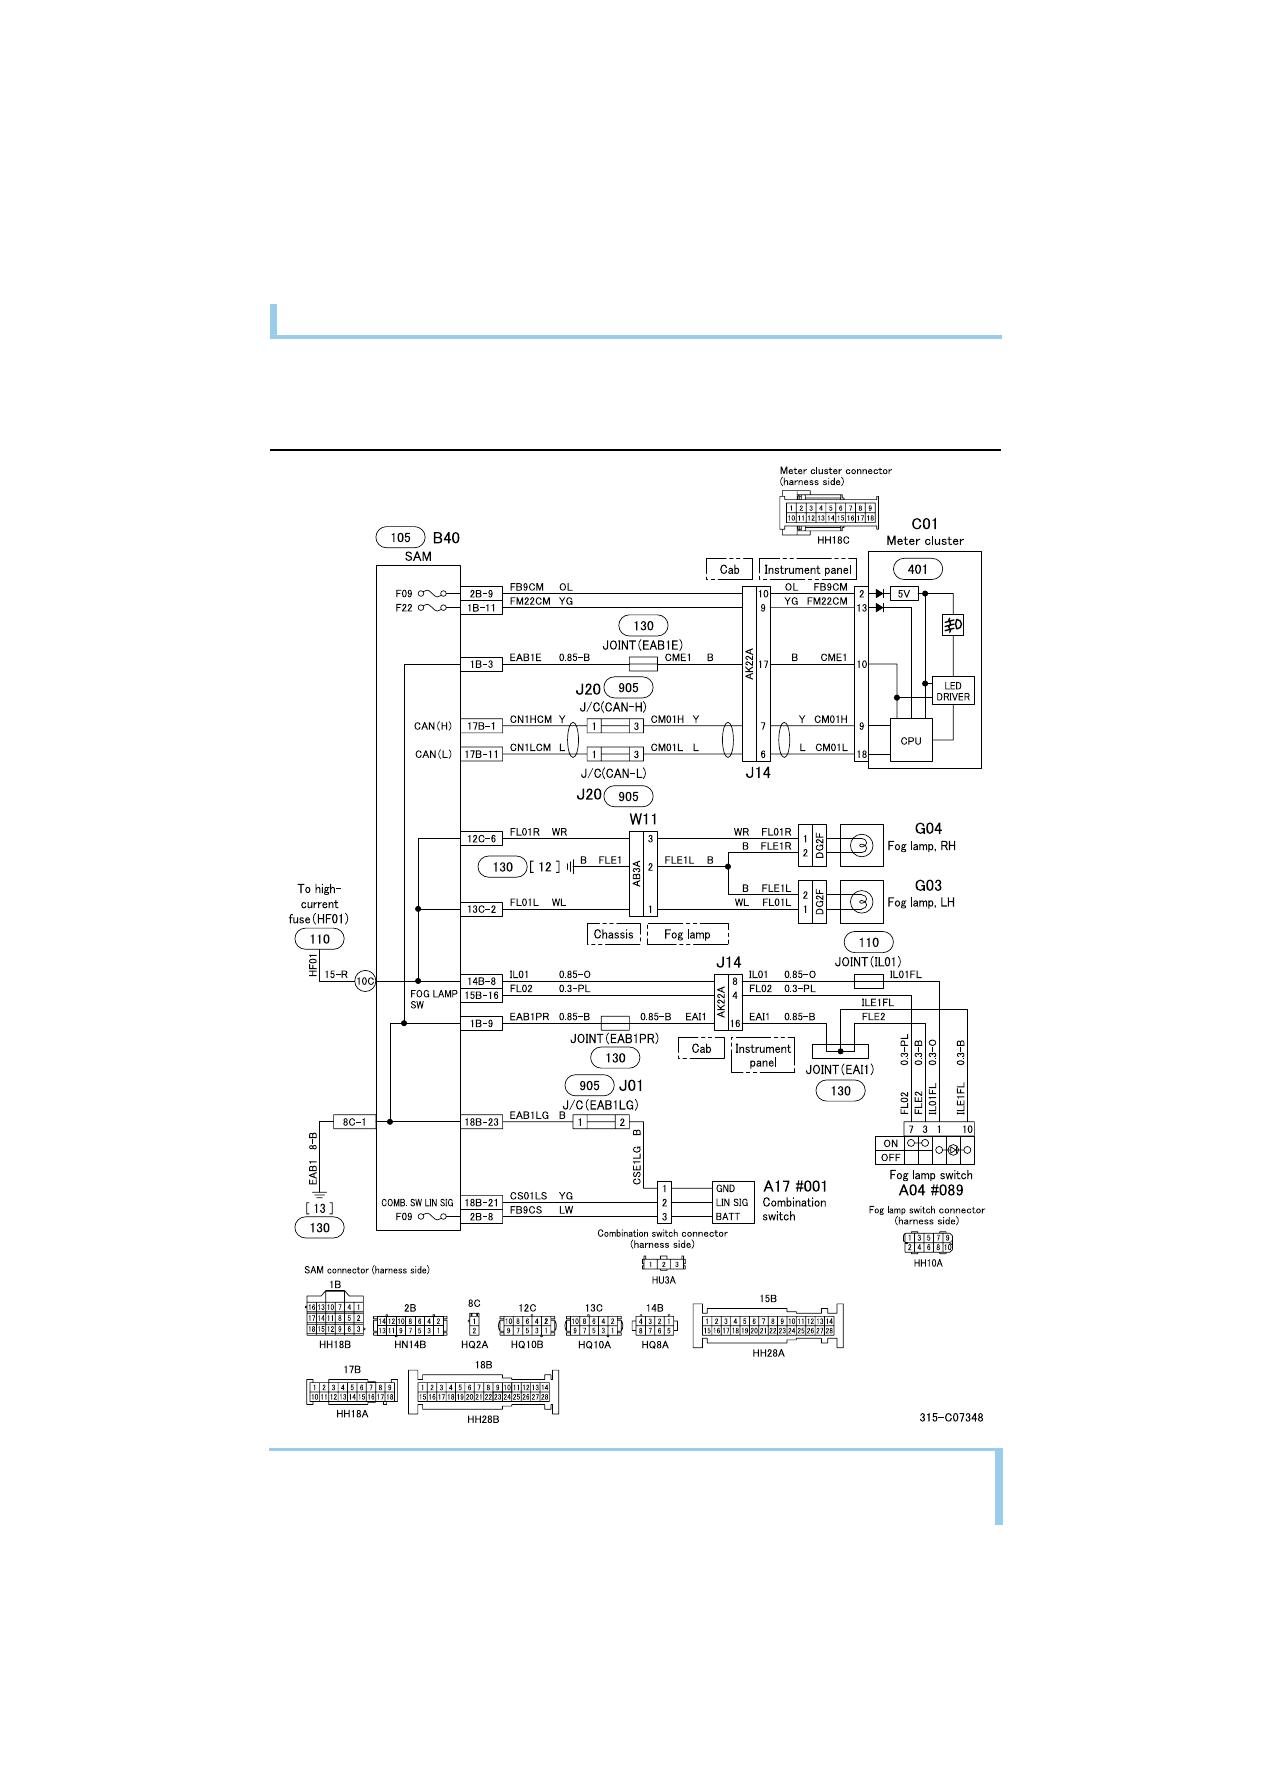 Ausgezeichnet Ford Msd Zündschaltplan Ideen - Schaltplan Serie ...